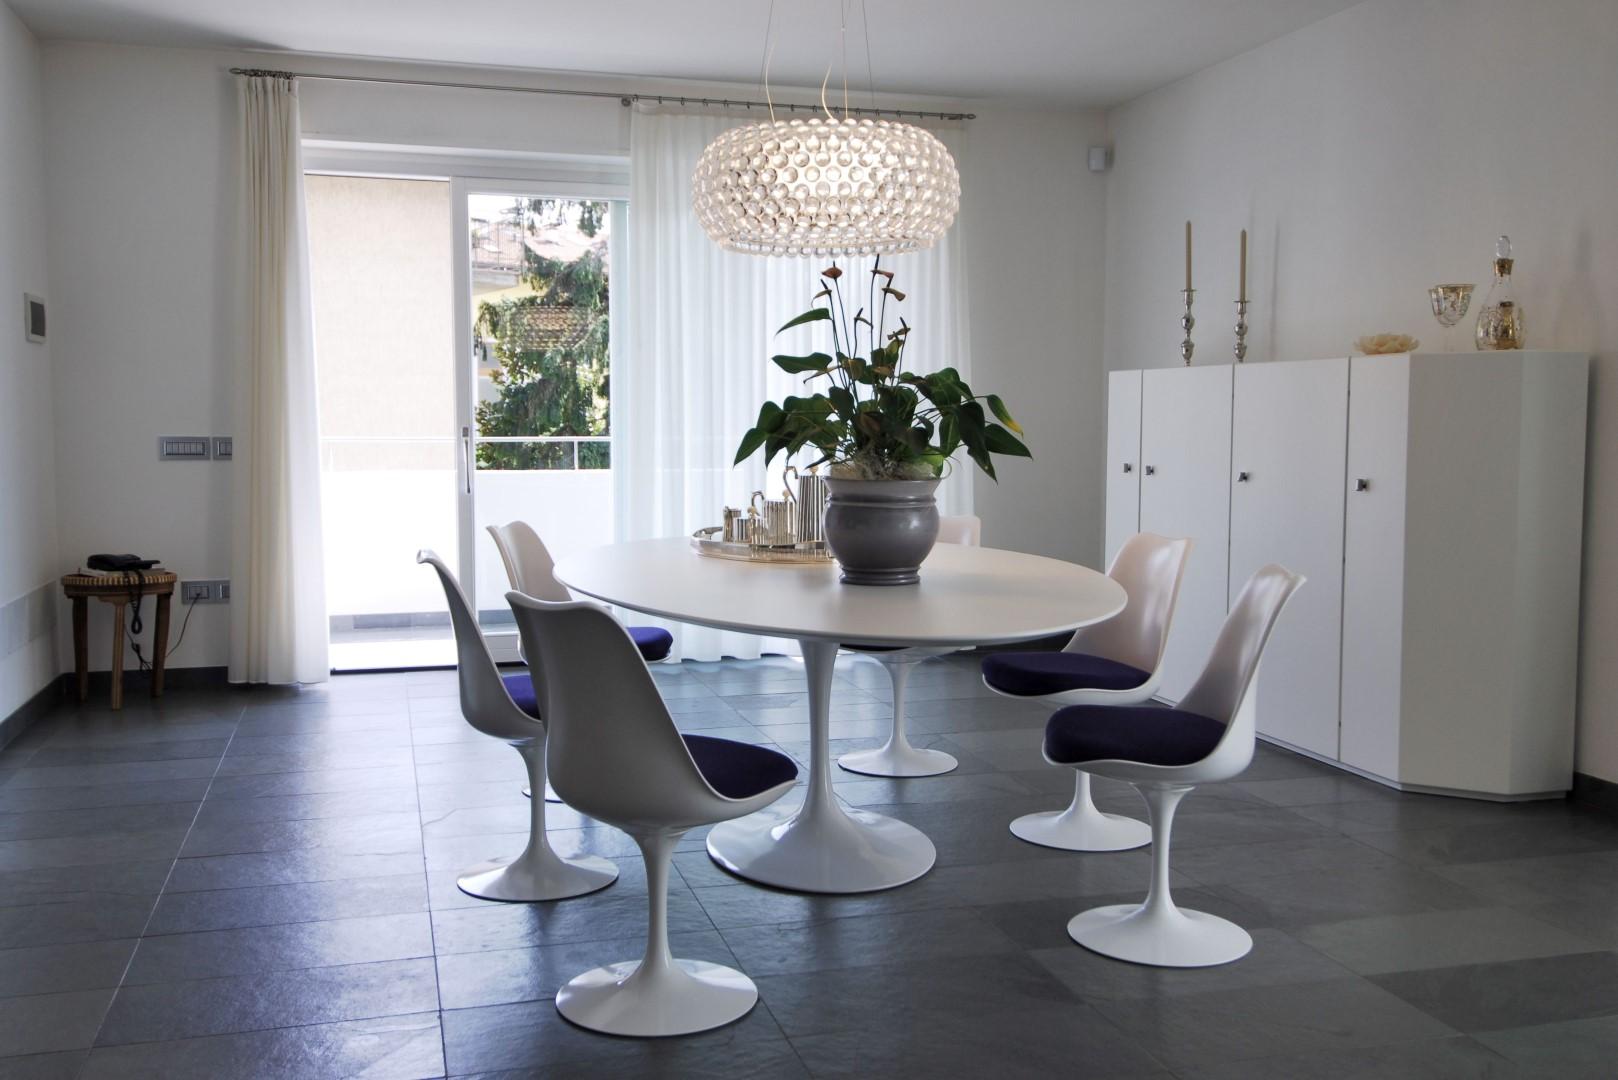 Abitazione 7 luce e design for Abitazione design